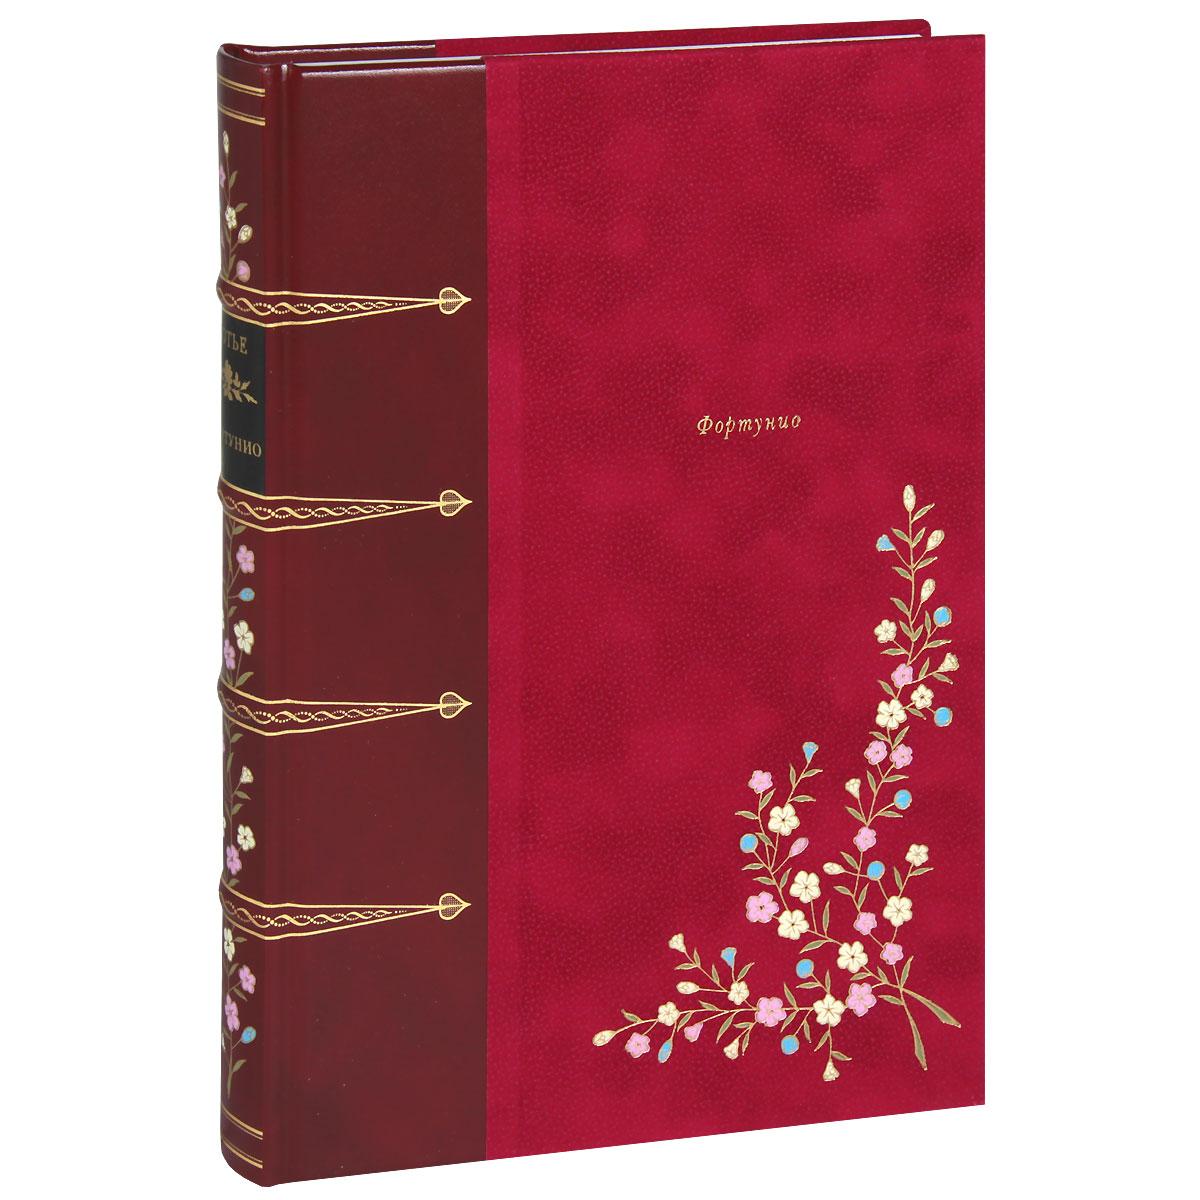 Теофиль Готье Фортунио (подарочное издание)